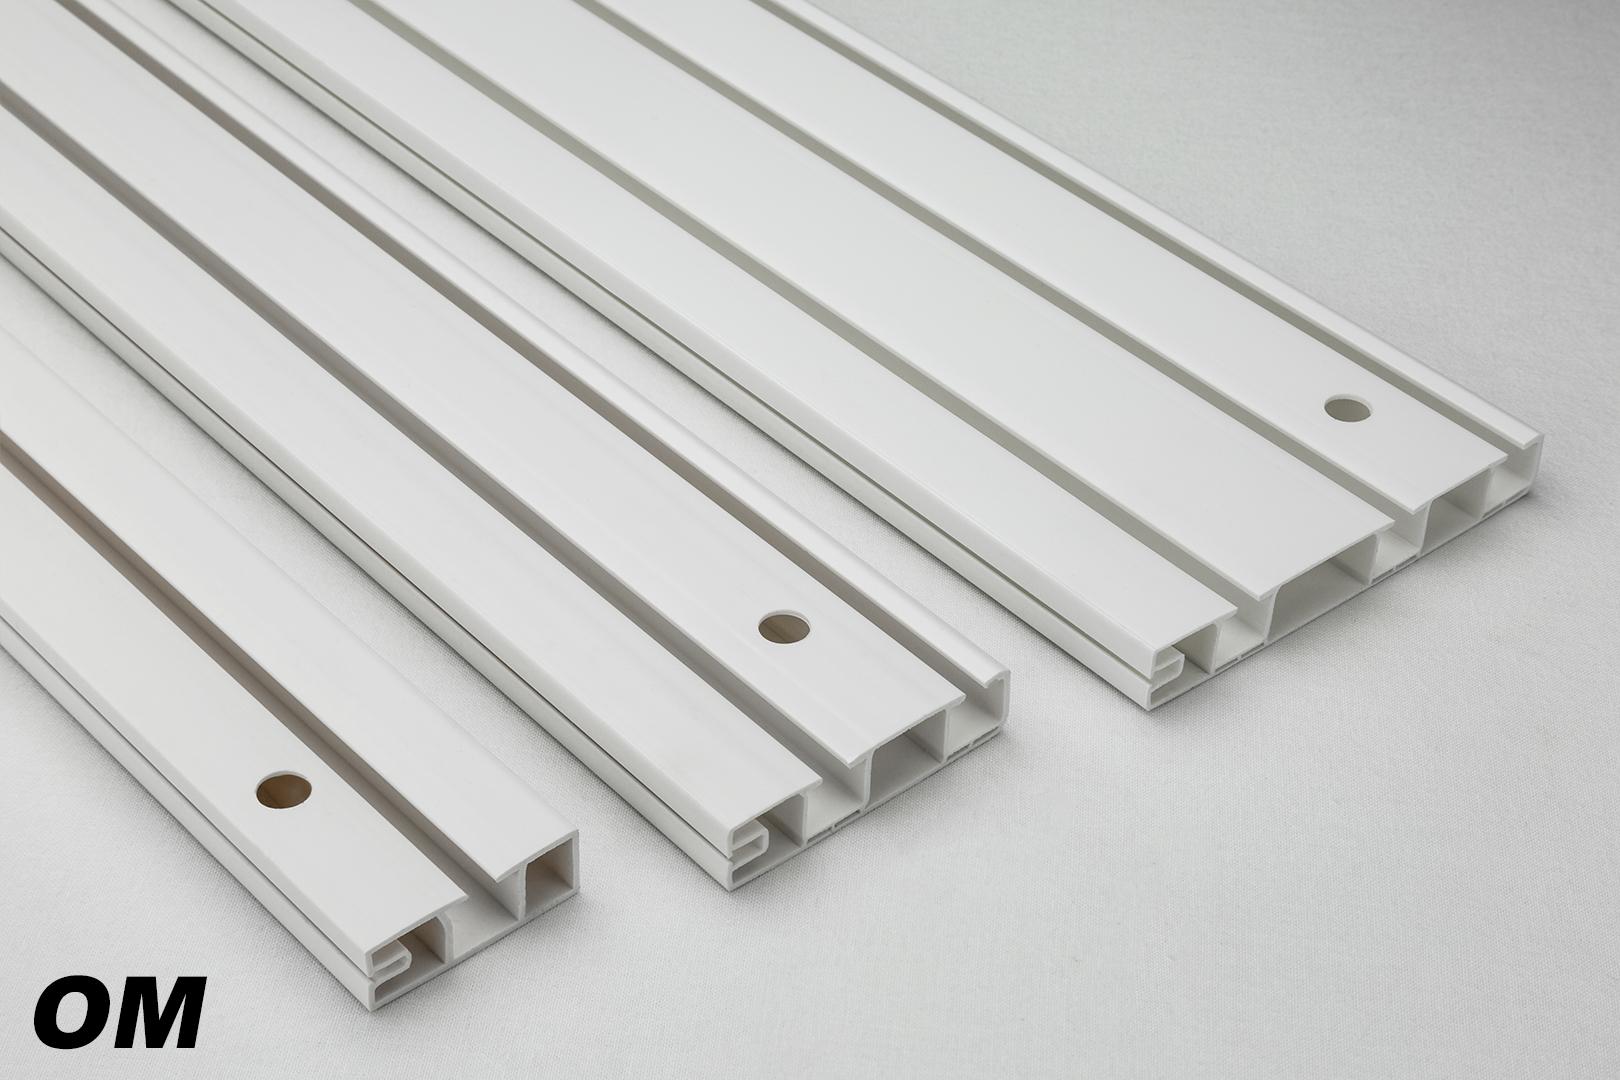 Vorhangschiene Laufig Mit Blende Sm Plus Gardinenschiene Gardinenleiste Weiss